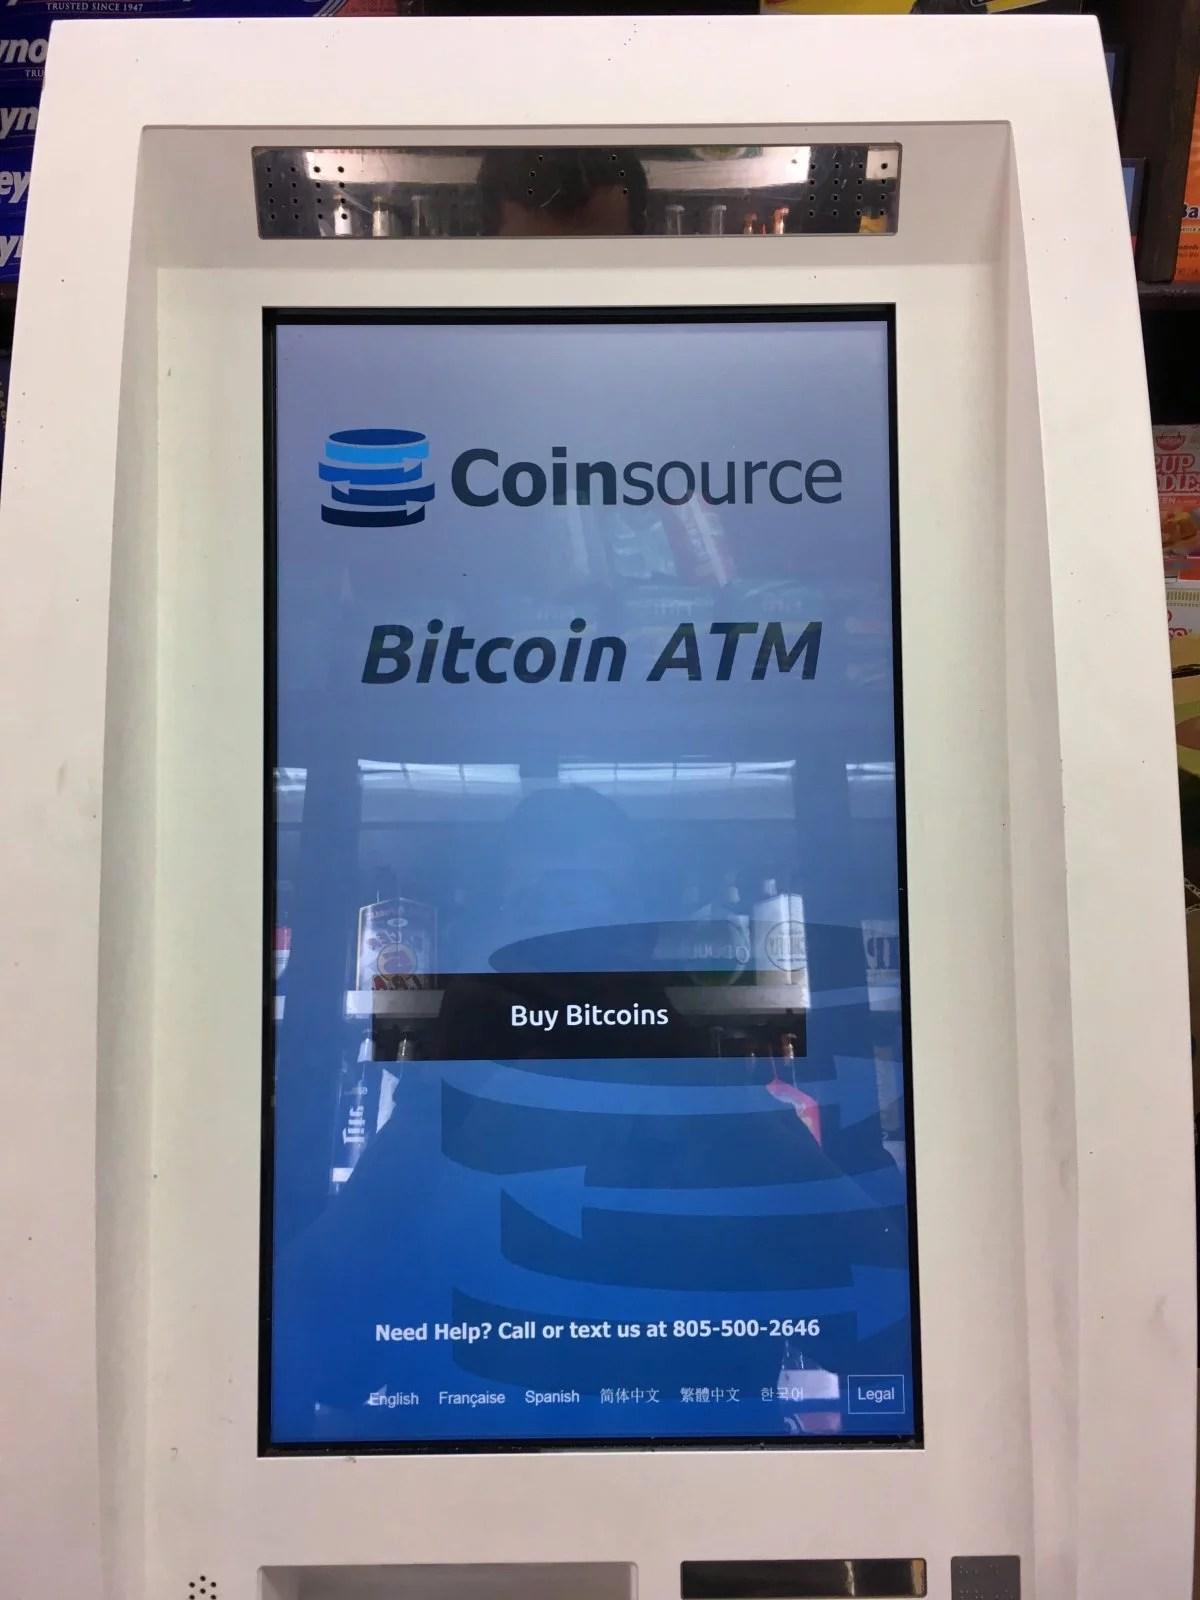 Coinsource, operador de cajeros automáticos Bitcoin, recibe una licencia de moneda virtual en Nueva York